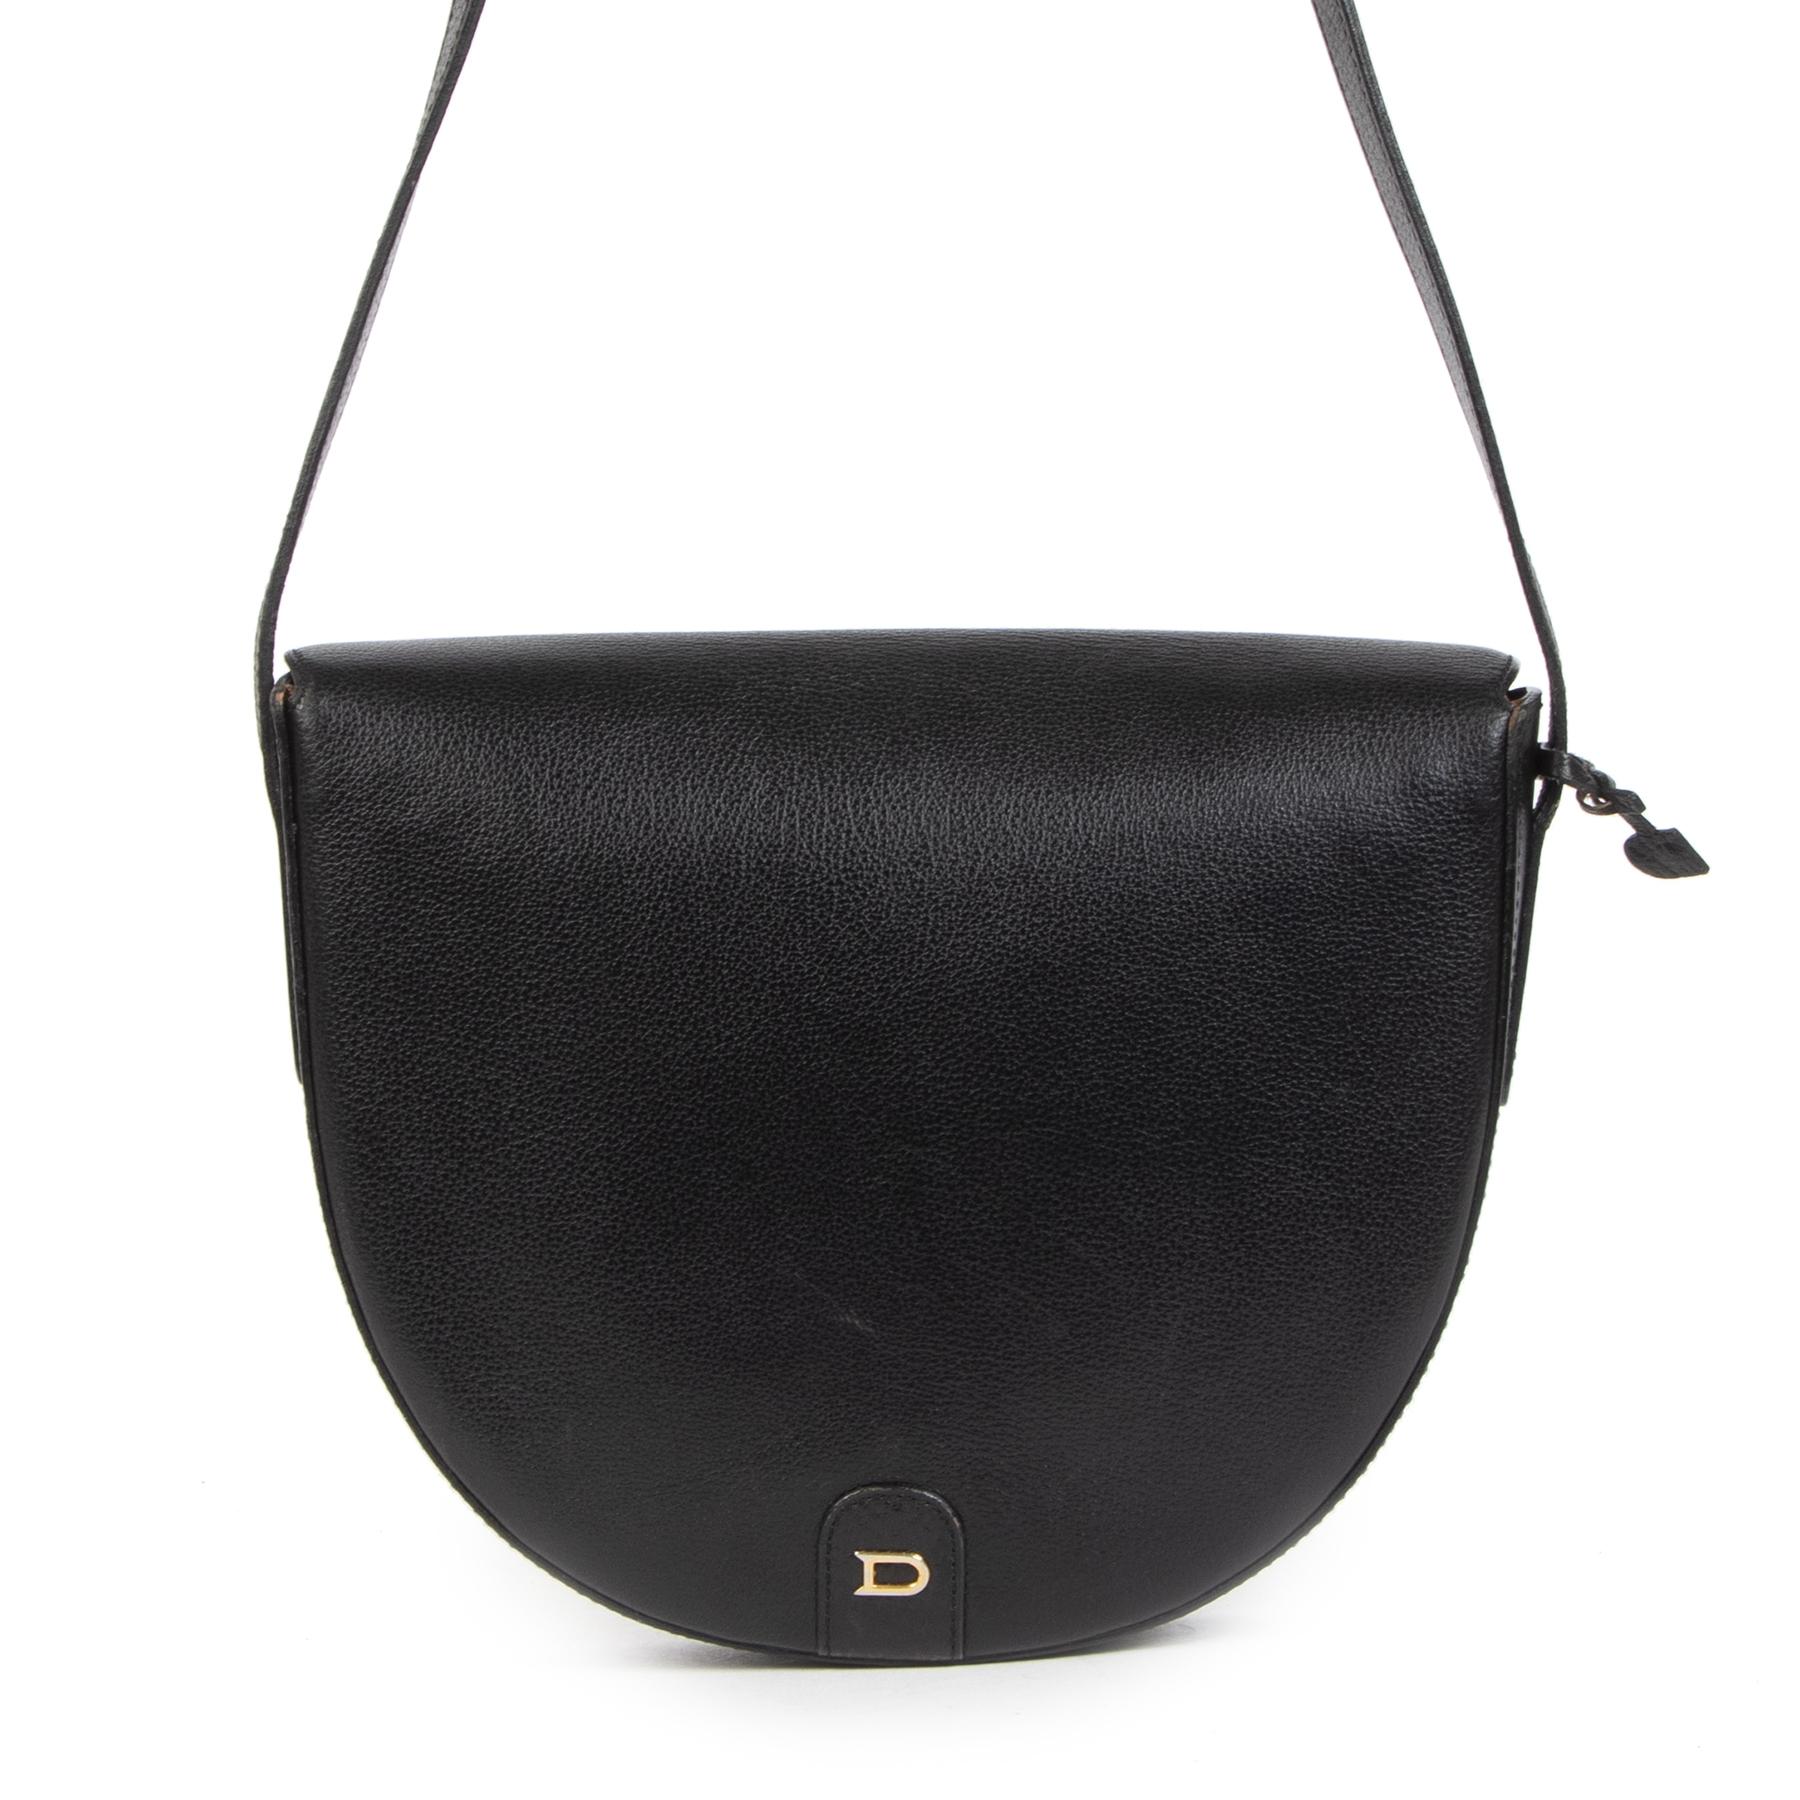 Authentieke Tweedehands Delvaux Black Leather Crossbody Bag juiste prijs veilig online shoppen luxe merken webshop winkelen Antwerpen België mode fashion